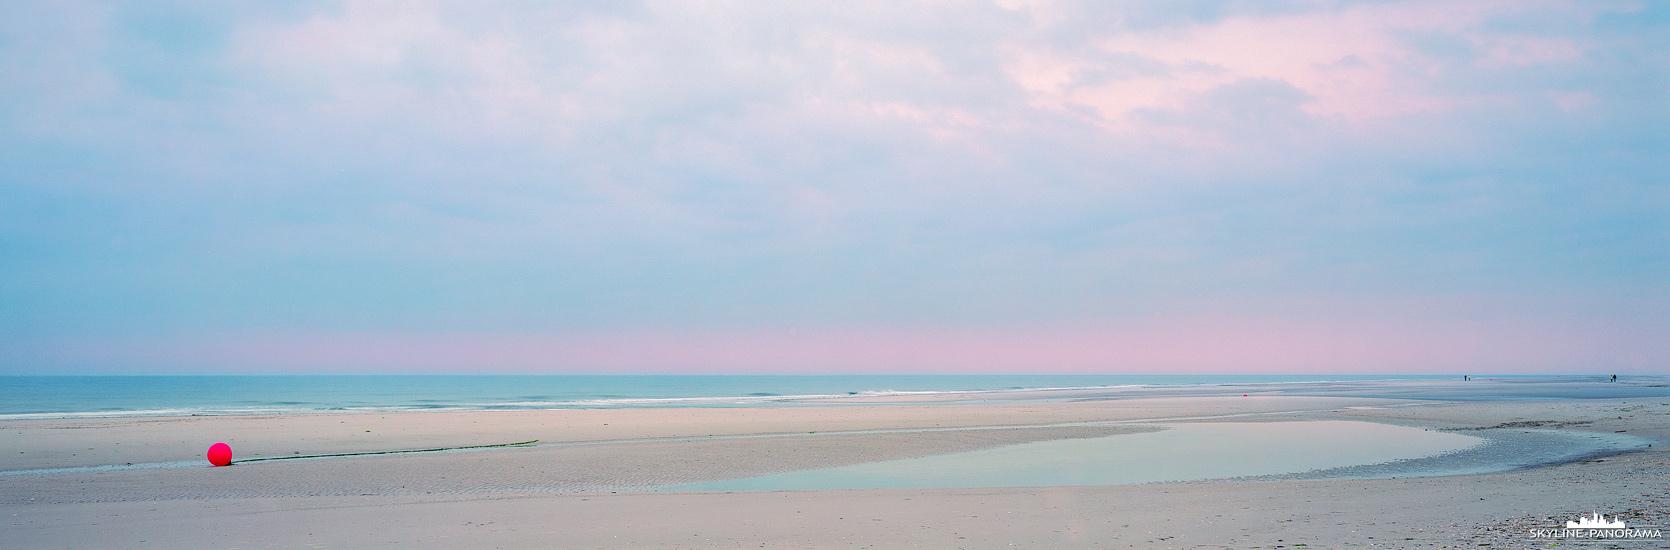 Panorama Wattenmeer Nordsee - Boje bei Ebbe am Strand von Nebel auf der Insel Amrum.